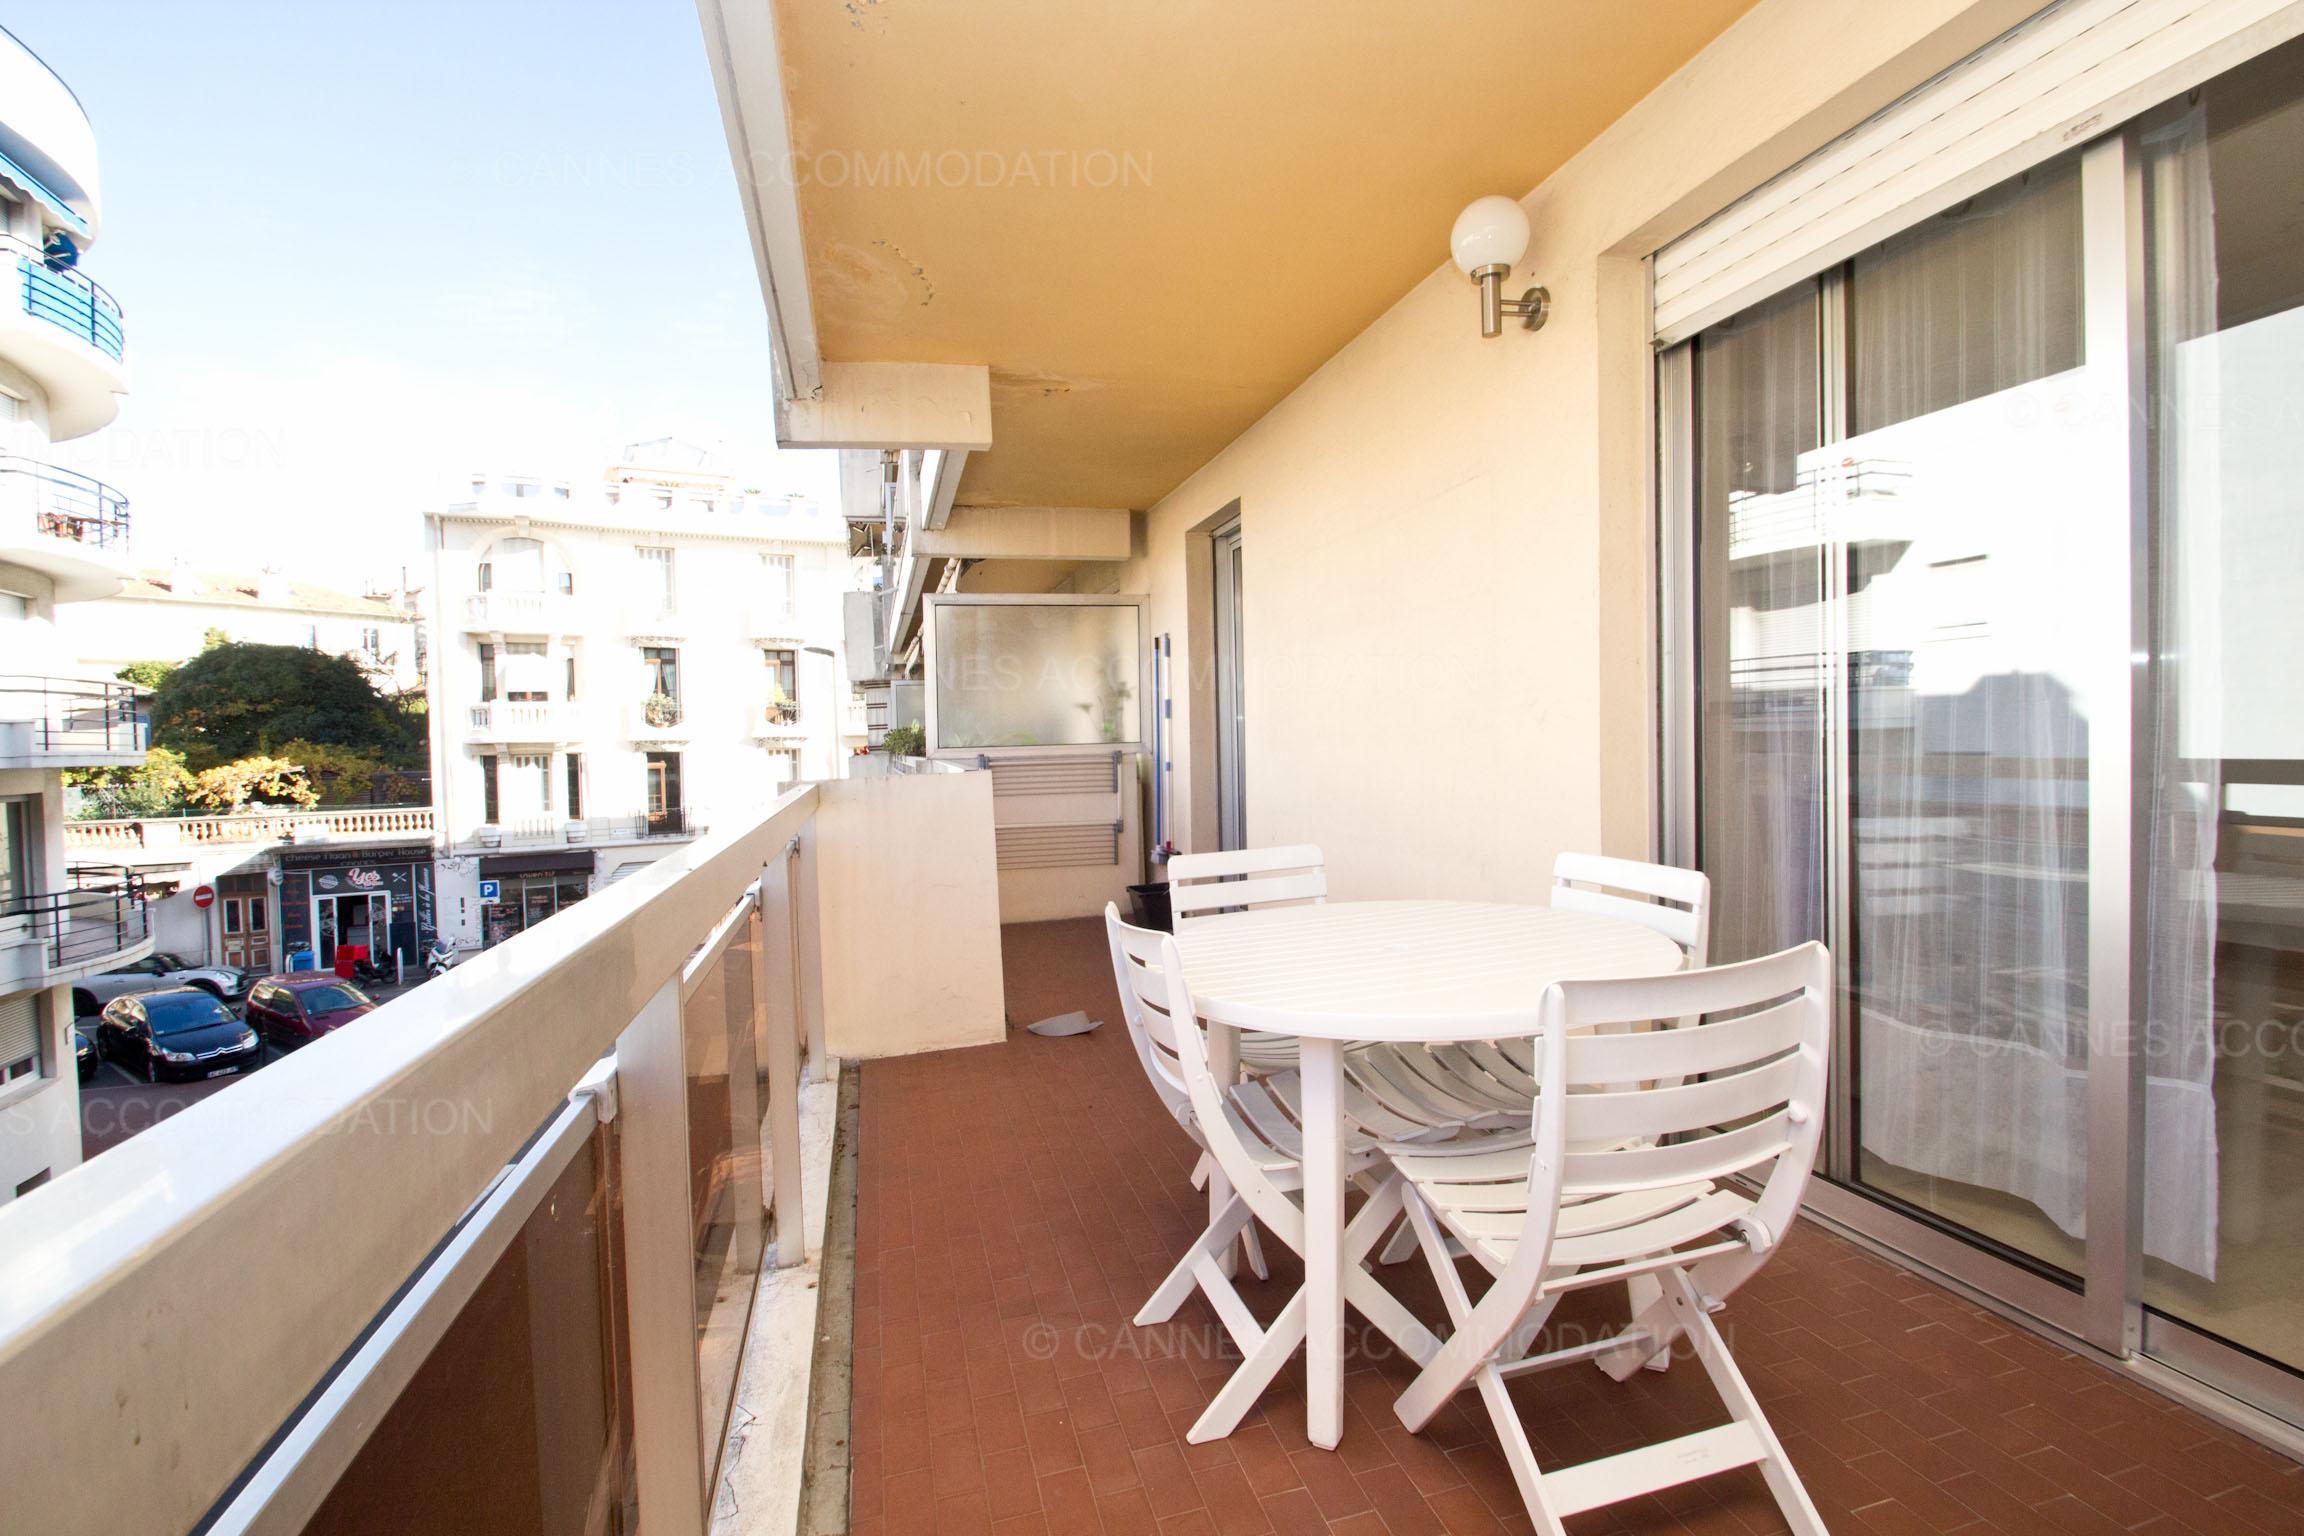 Appartement 1 chambre louer cannes carnot cc mathieu for 1 chambre a louer